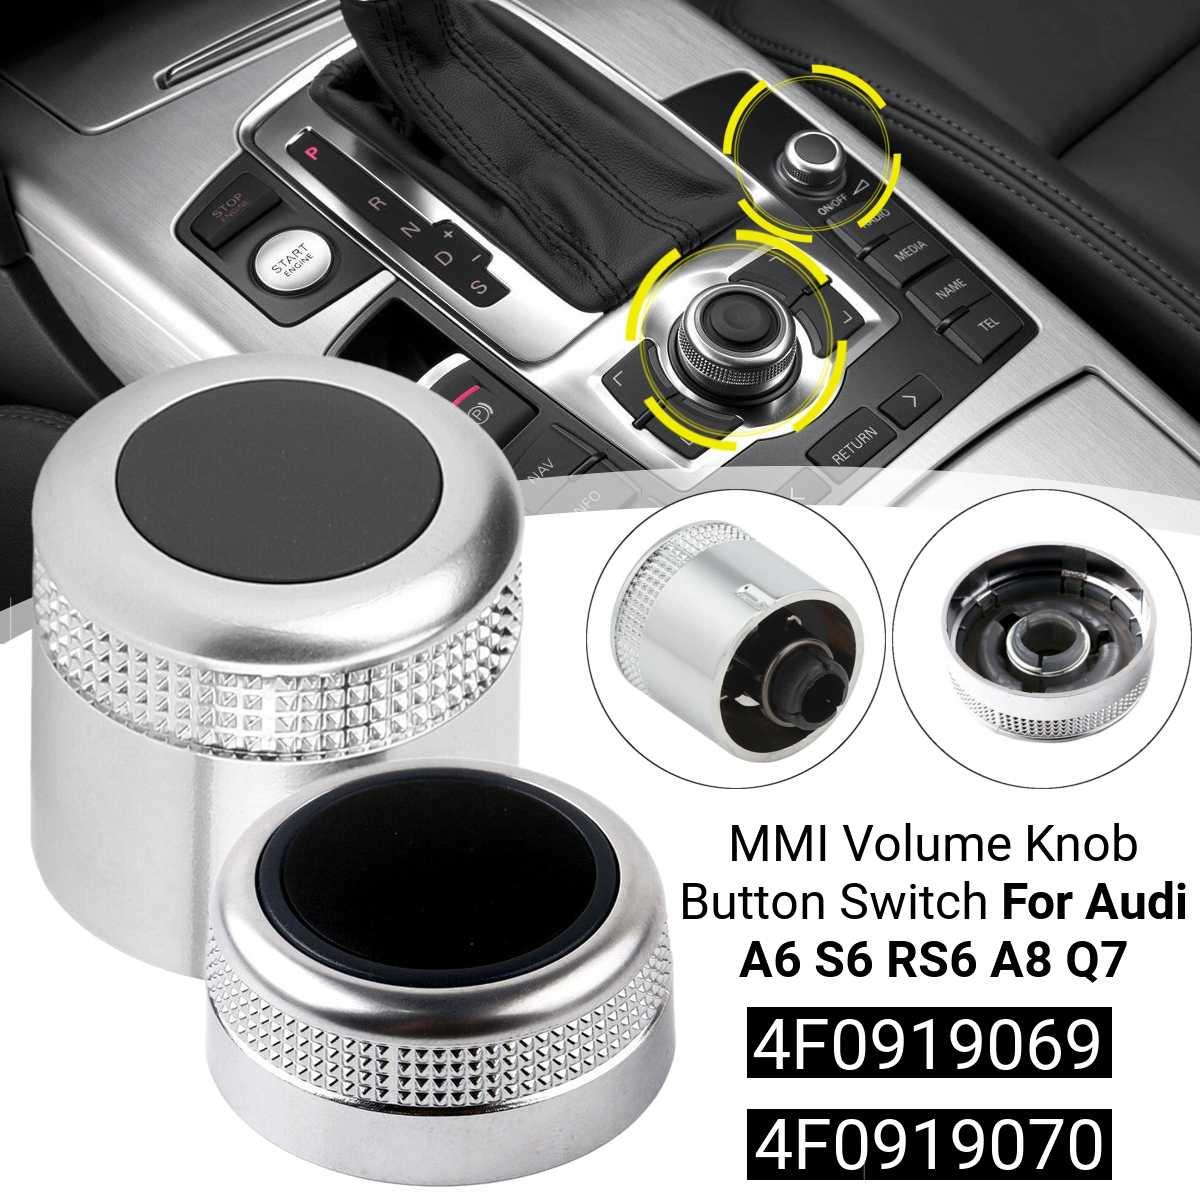 2 Cái/bộ Đa Phương Tiện MMI Tập Núm Xoay Nút Bấm Bao 4F0919070 4F0919069 Cho Xe Audi A6 Allroad S6 RS6 A8 Q7 Công Tắc & Rơ-le Xe Hơi    - AliExpress